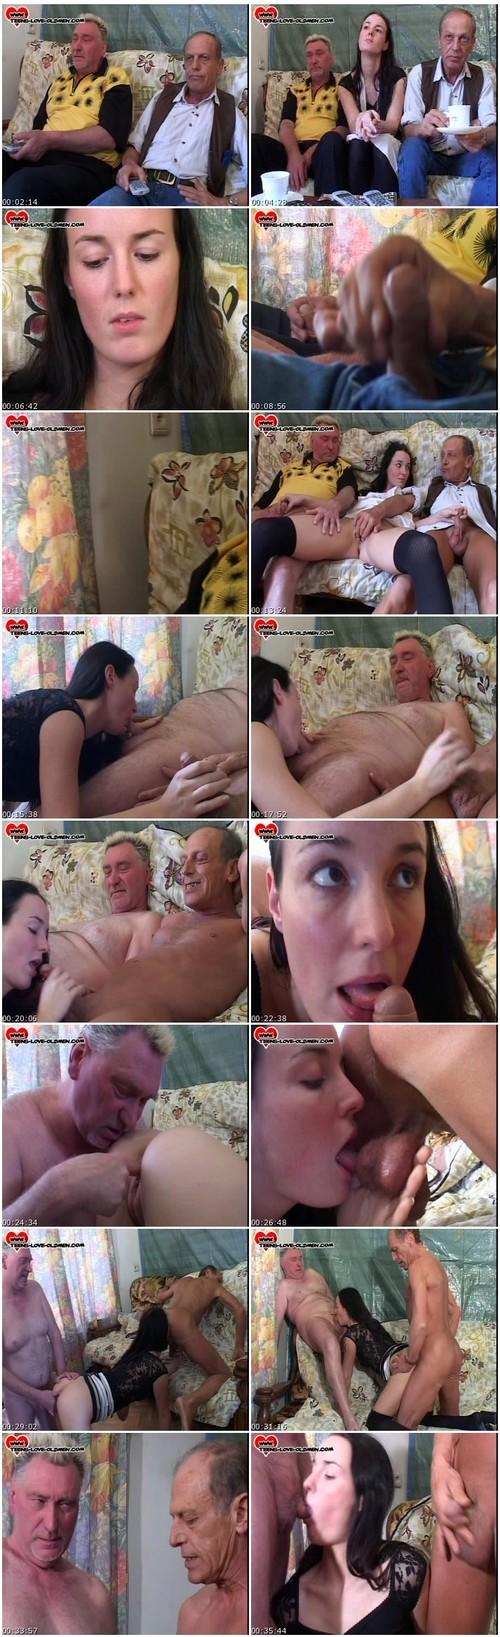 http://ist5-1.filesor.com/pimpandhost.com/9/6/8/3/96838/6/p/9/u/6p9uW/Teens-Love-Oldmen-h025_thumb_m.jpg